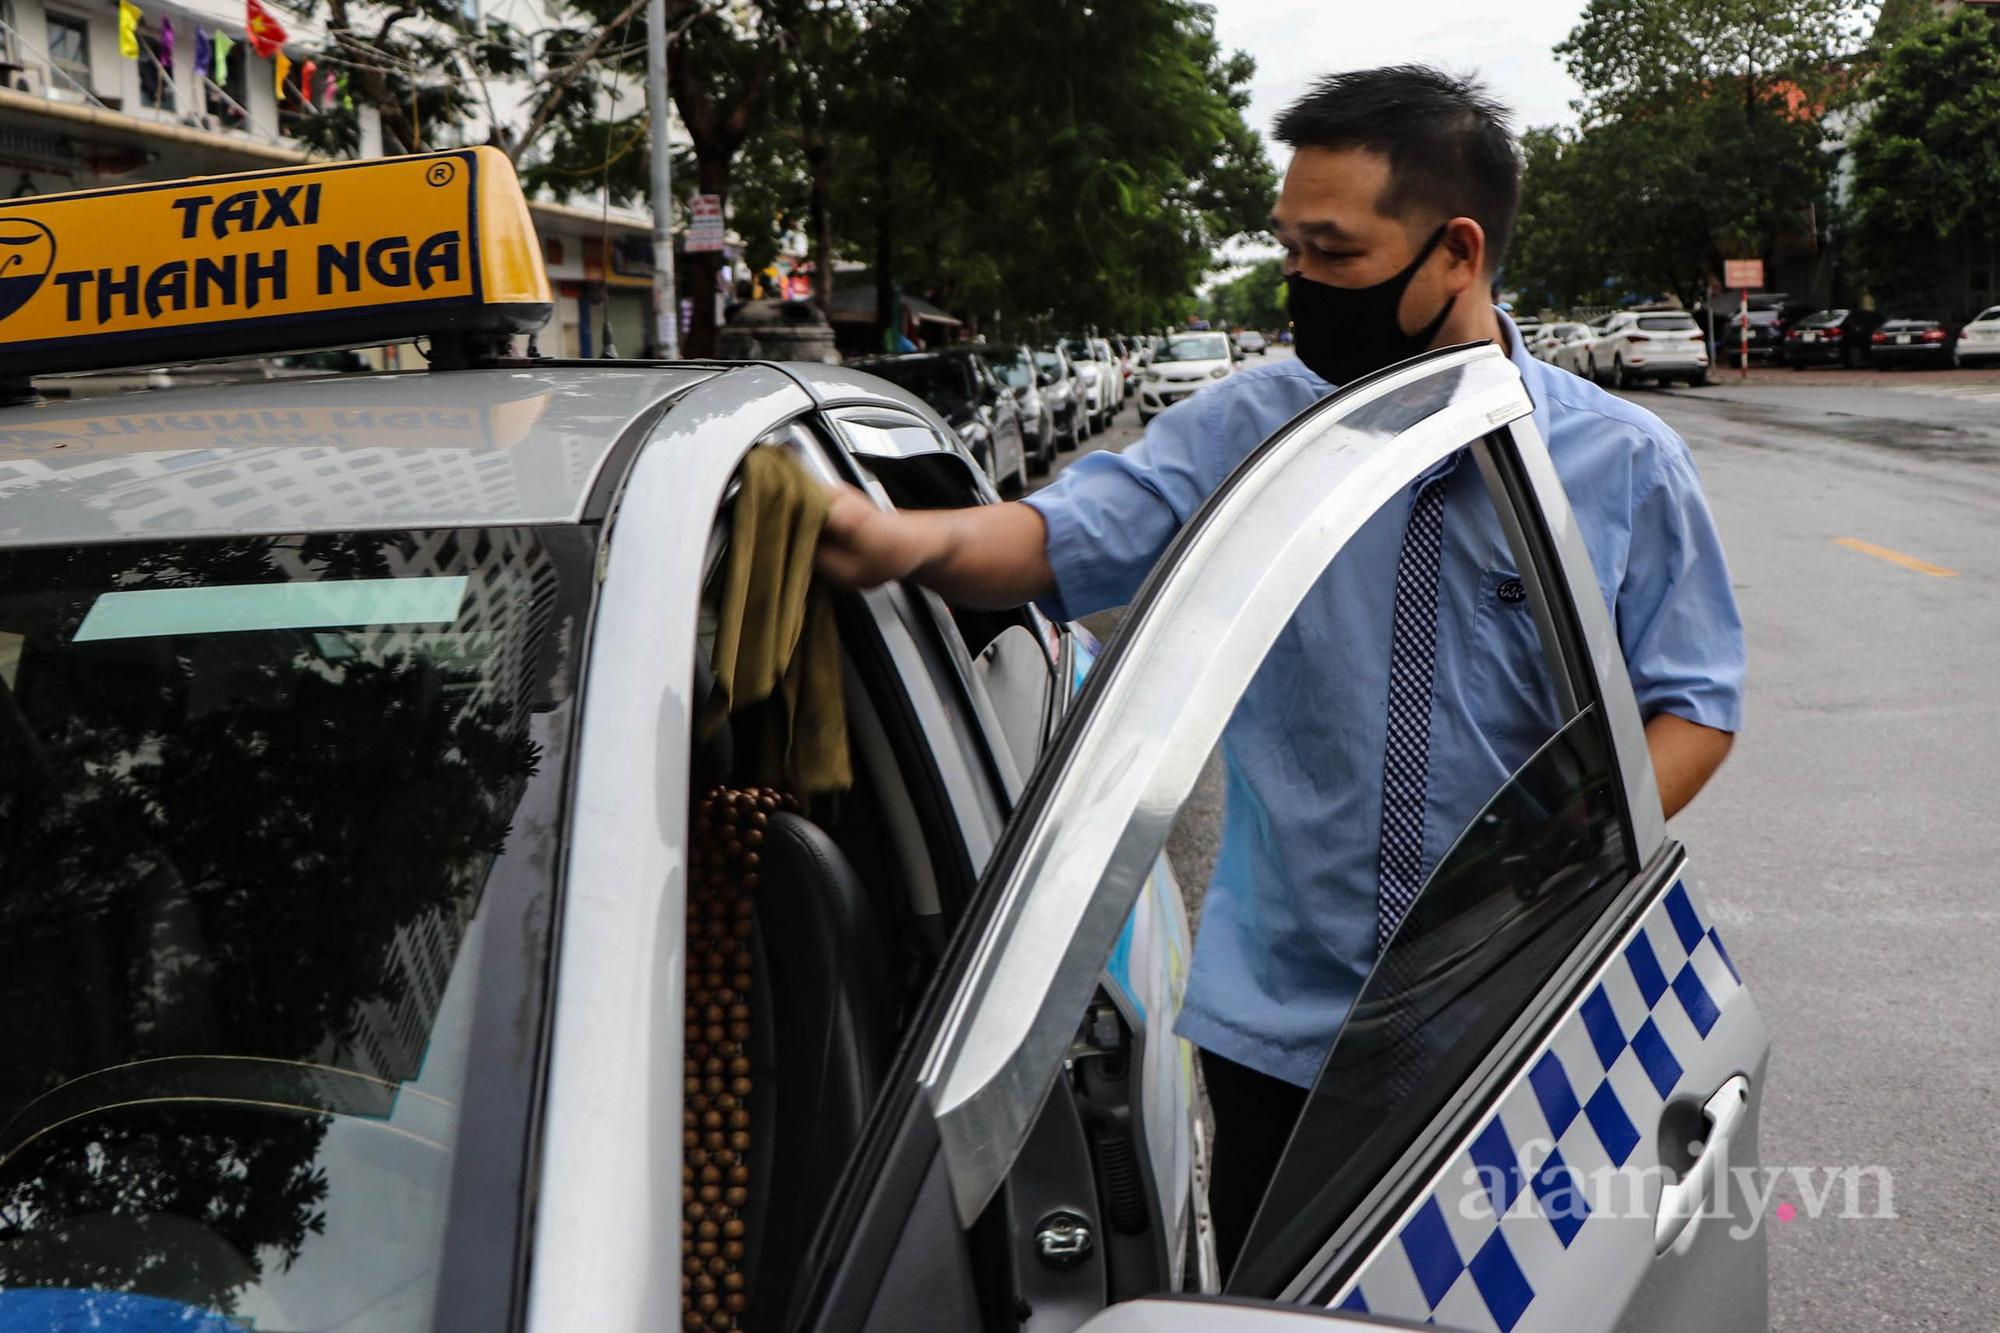 """Tài xế taxi như được sống lại khi được lái xe đi làm: """"Có thể trắng tay trong ngày đầu đi làm nhưng vẫn phấn khởi"""" - Ảnh 3."""